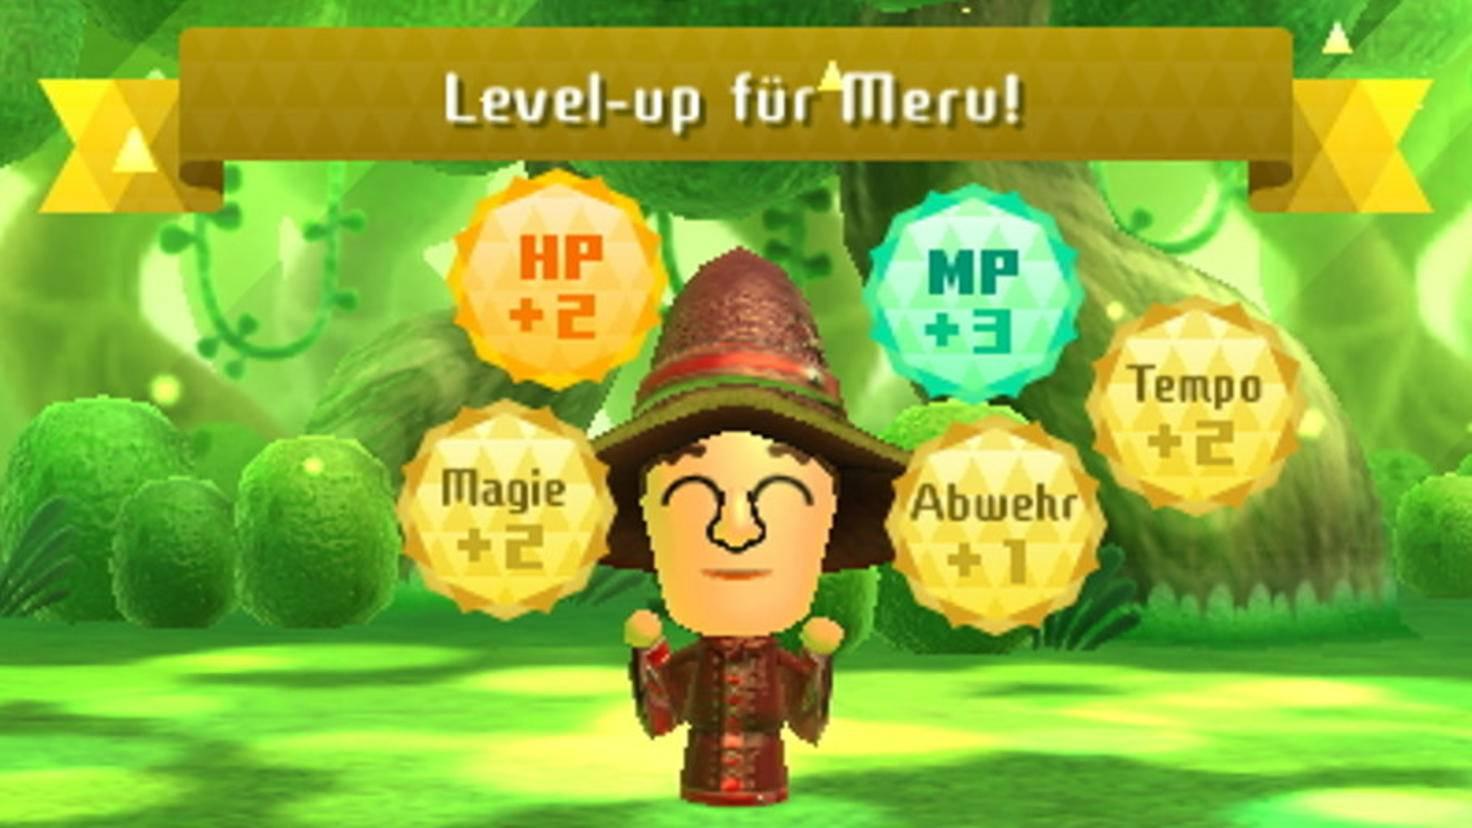 Nach Kämpfen und durch Nahrung und Ausrüstung wachsen die Fähigkeiten der Mii.